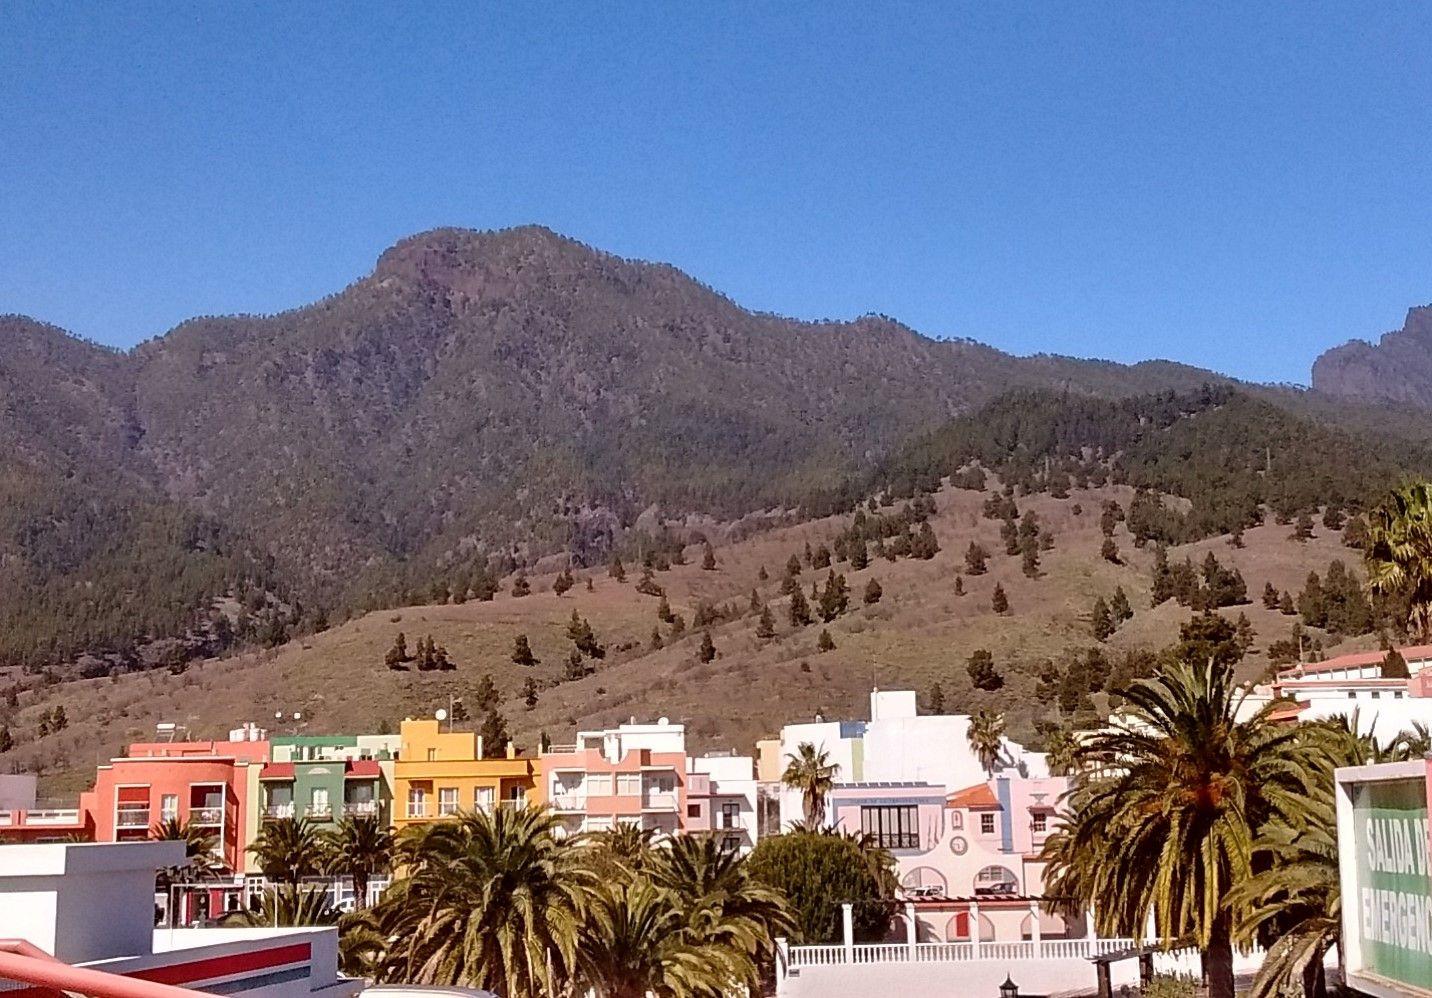 El Paso Town with ridge of La Caldera